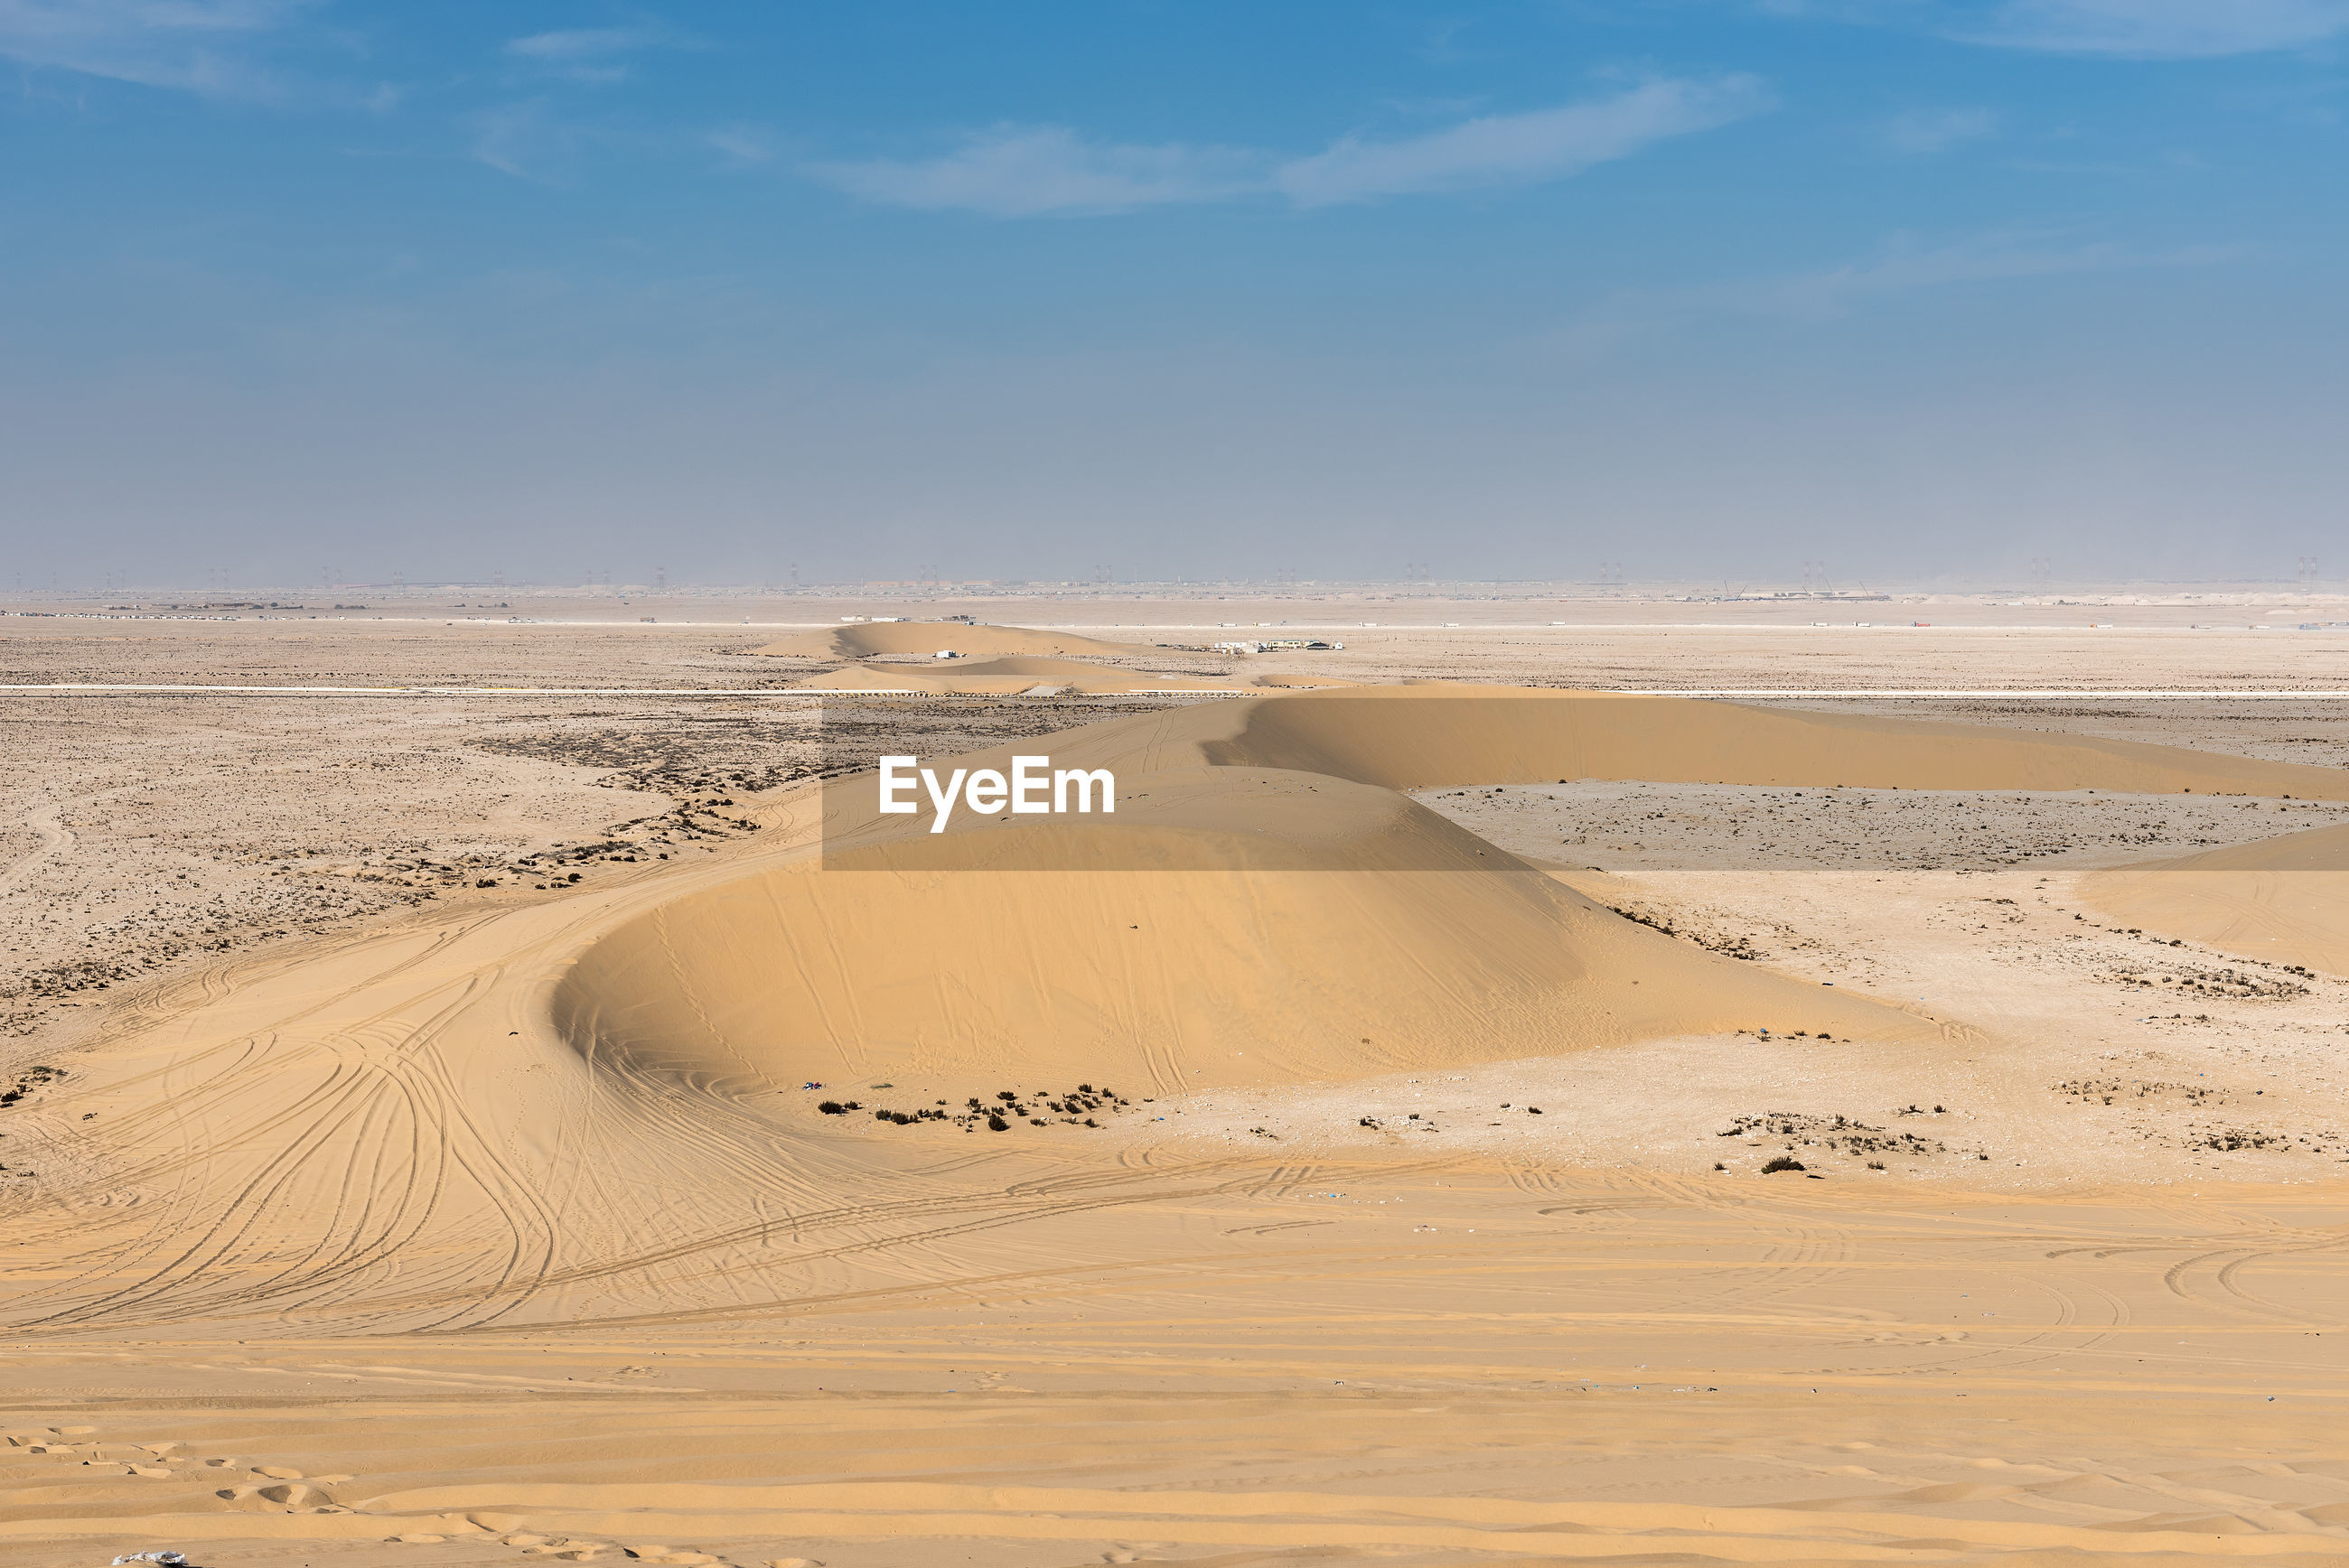 SAND DUNES AGAINST SKY